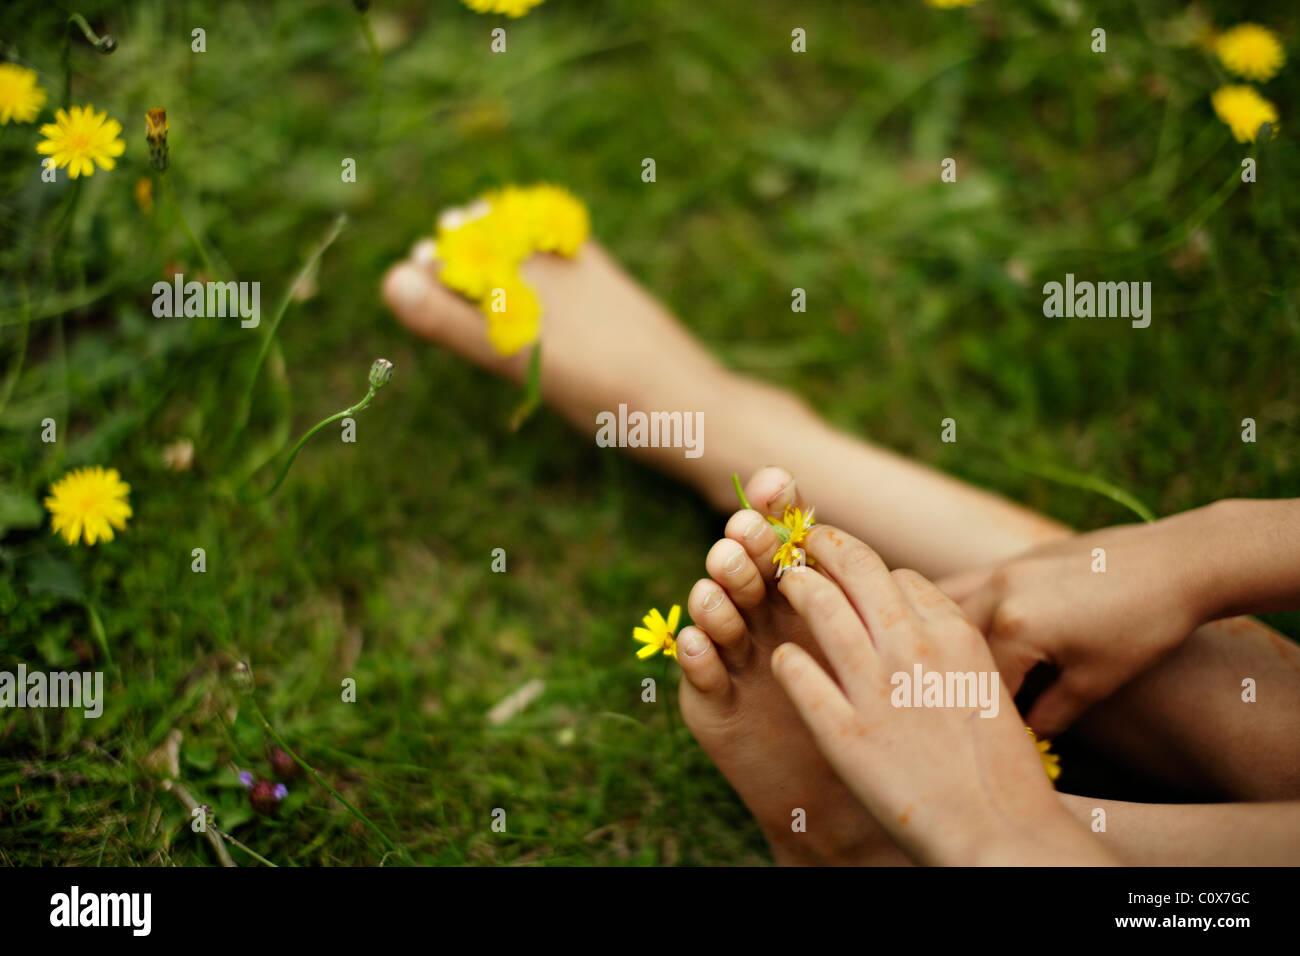 Mädchen setzt gelbe Blüten zwischen ihren Zehen. Stockbild